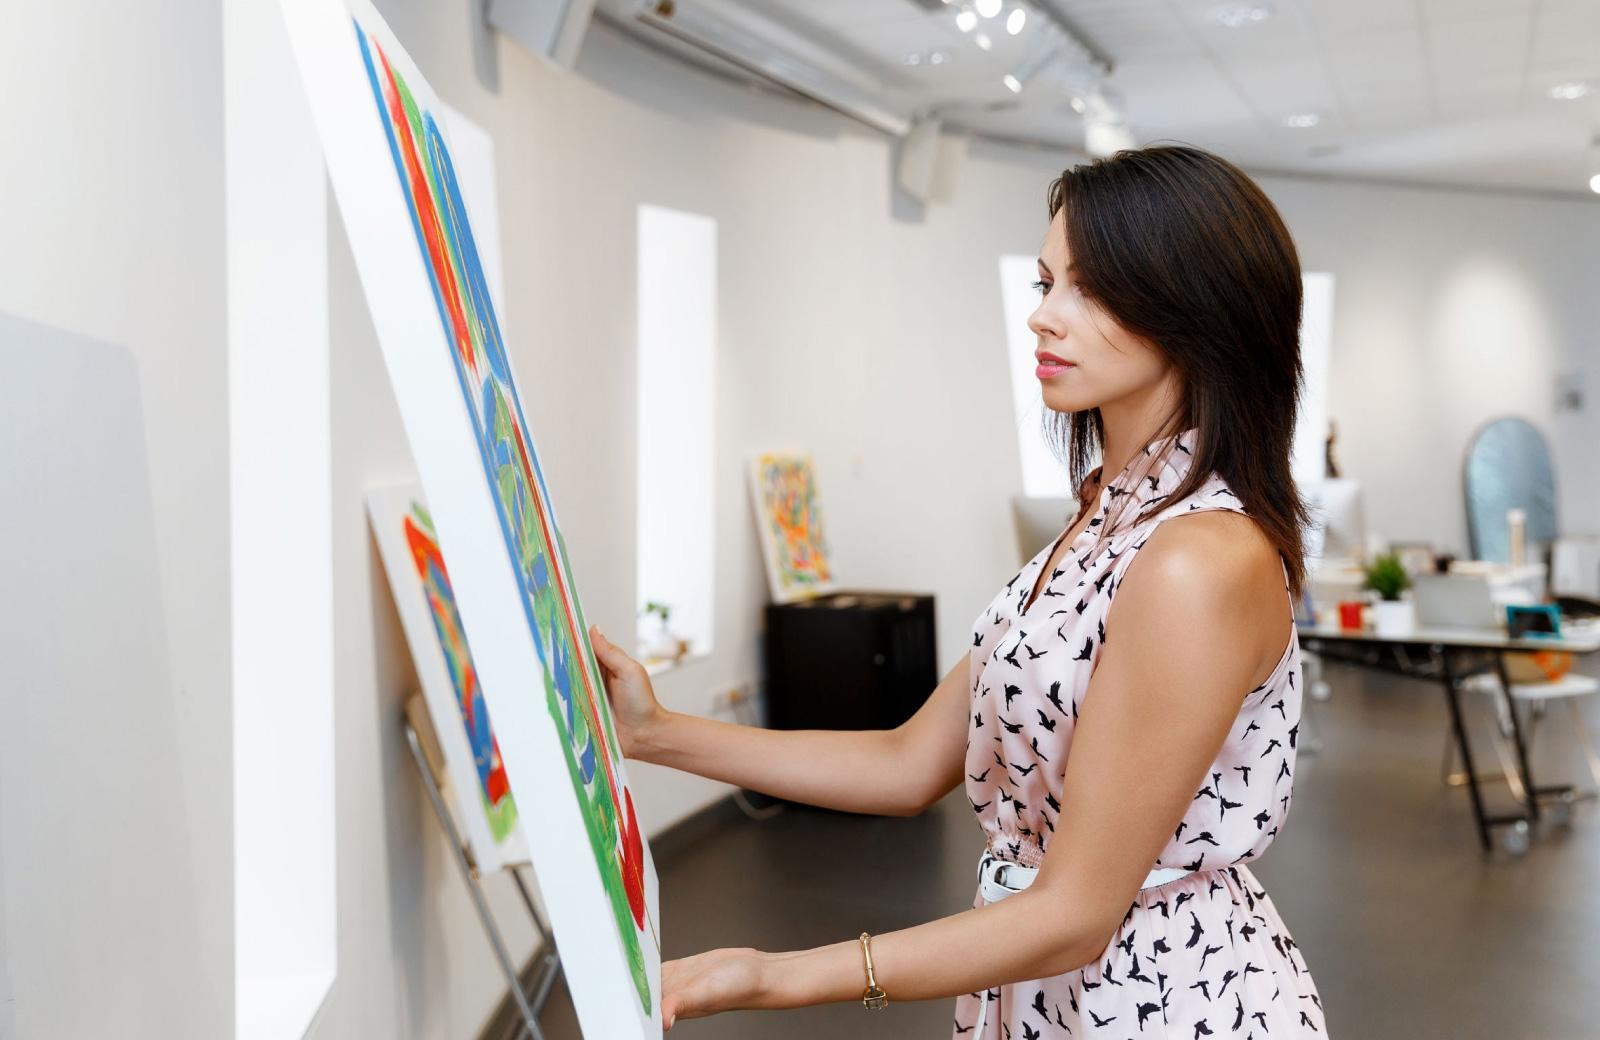 woman examining a painting